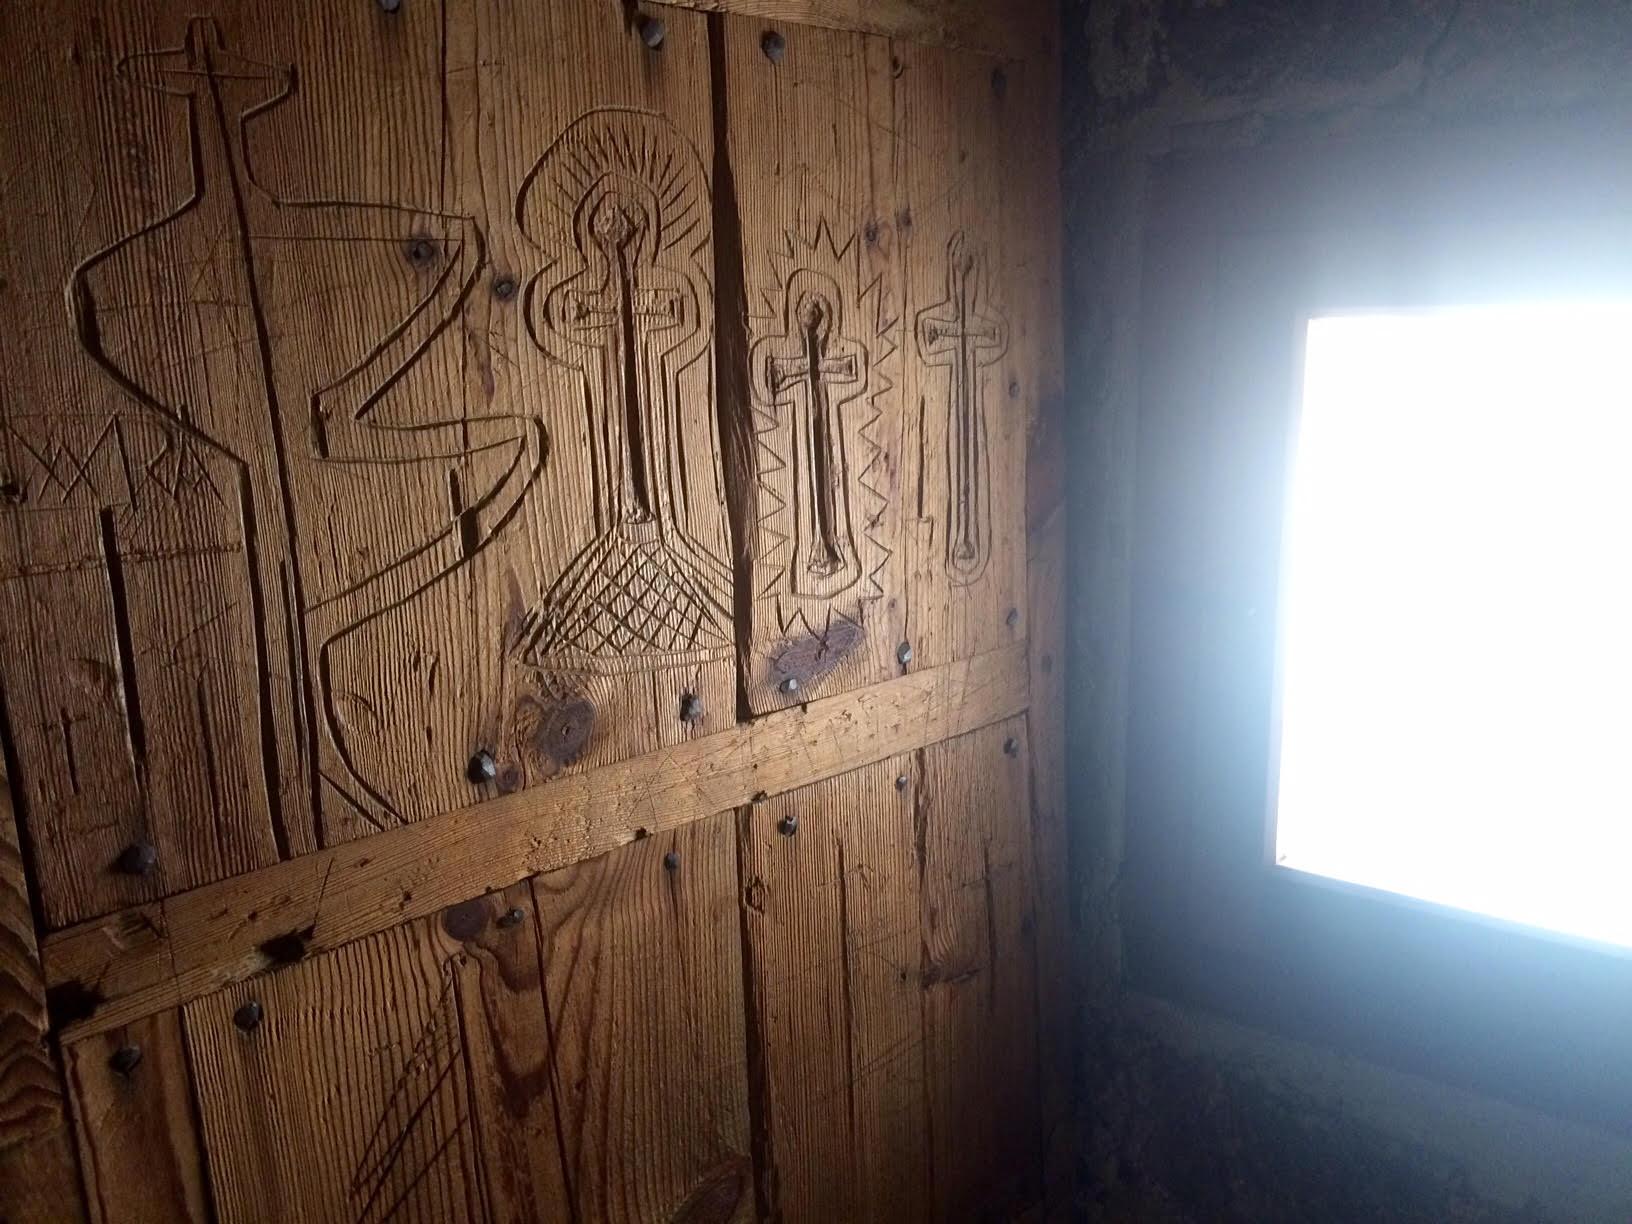 Grabados en la cárcel de la villa de Pedraza (Segovia)